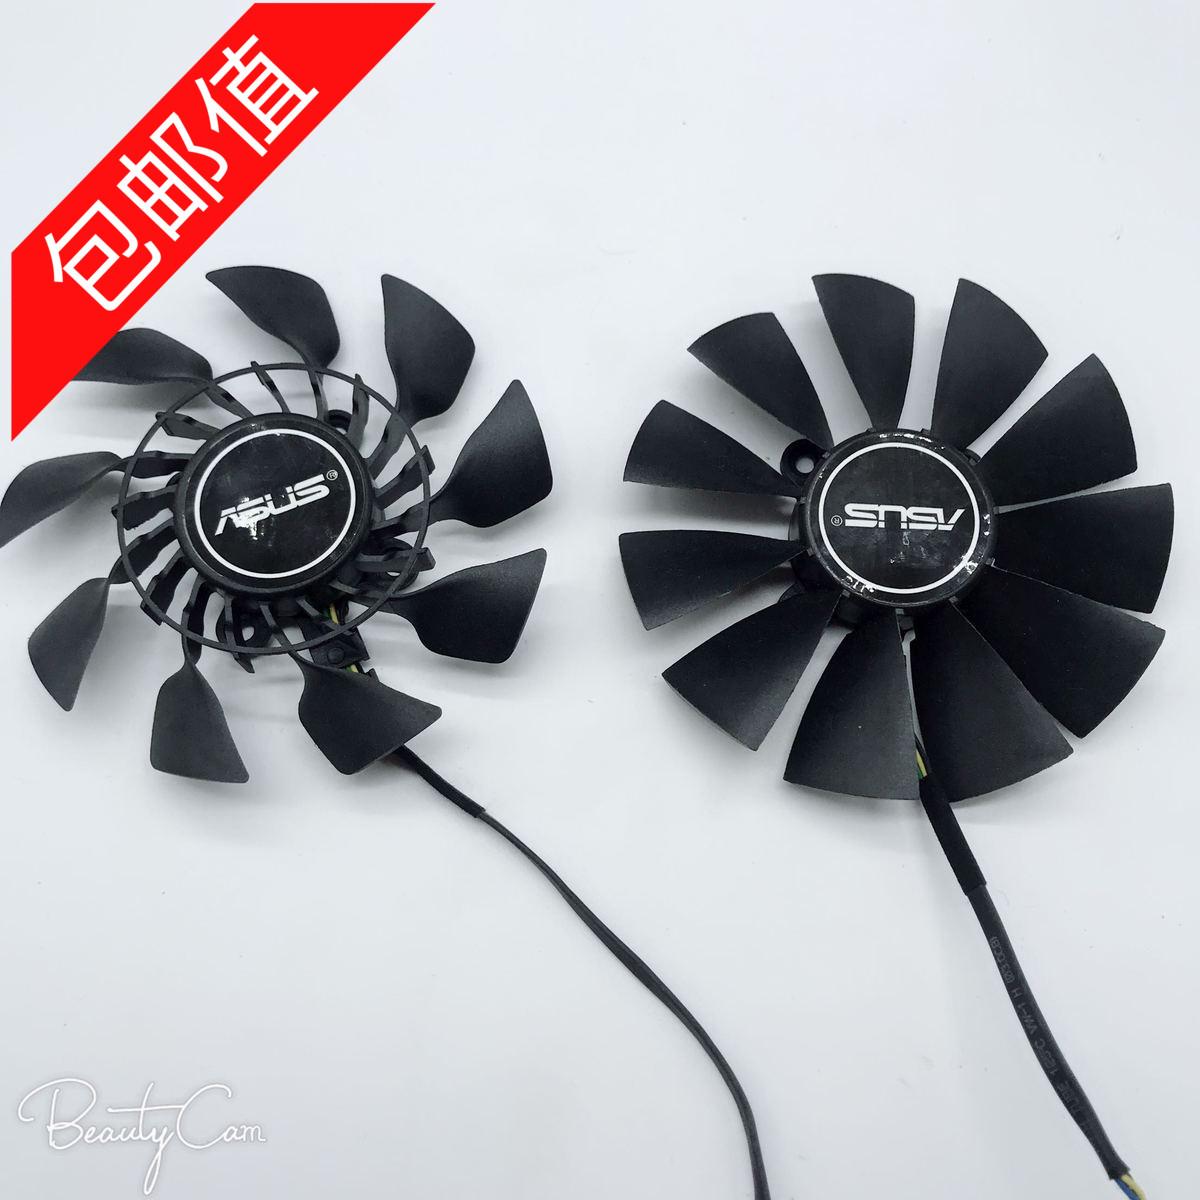 原裝華碩GTX980/970/780Ti/ R9 280/280x/290/290x/390x顯卡風扇